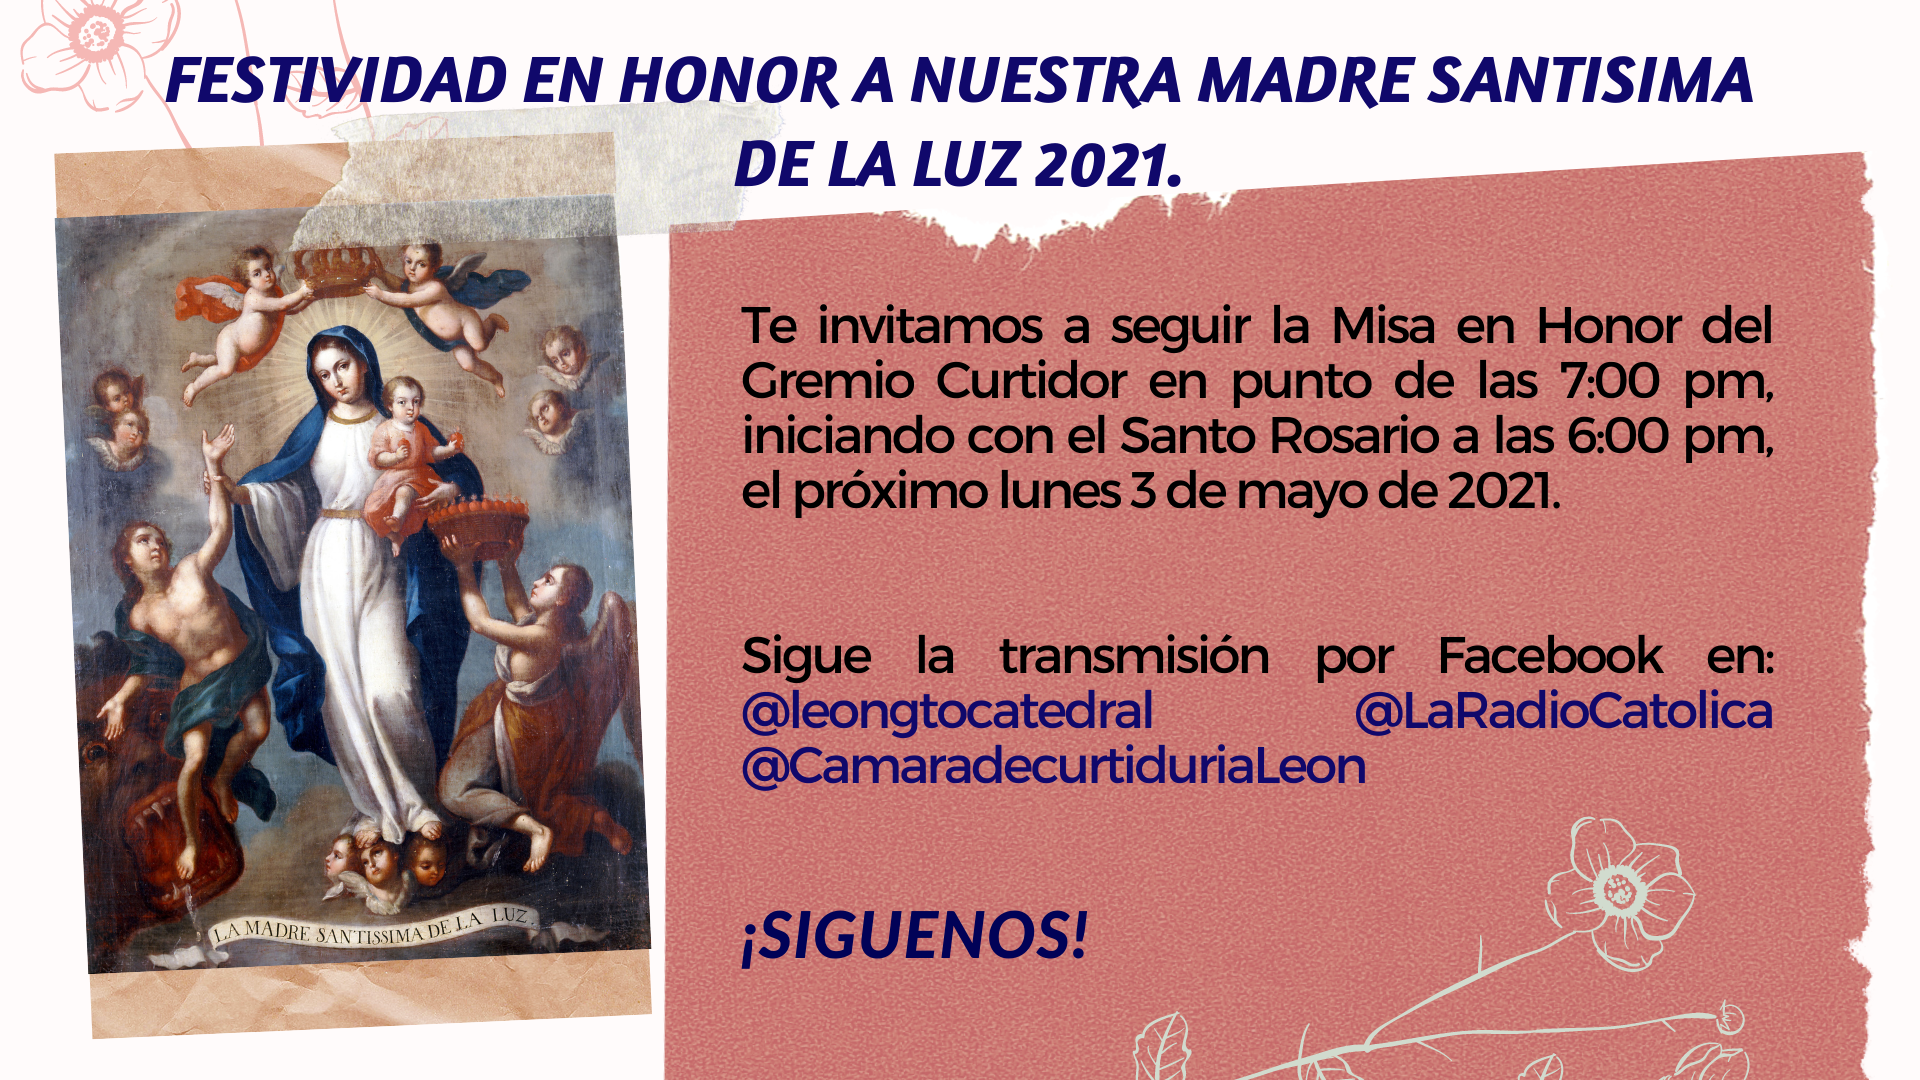 Festividad Peregrinación Virgen de la Luz 2021.